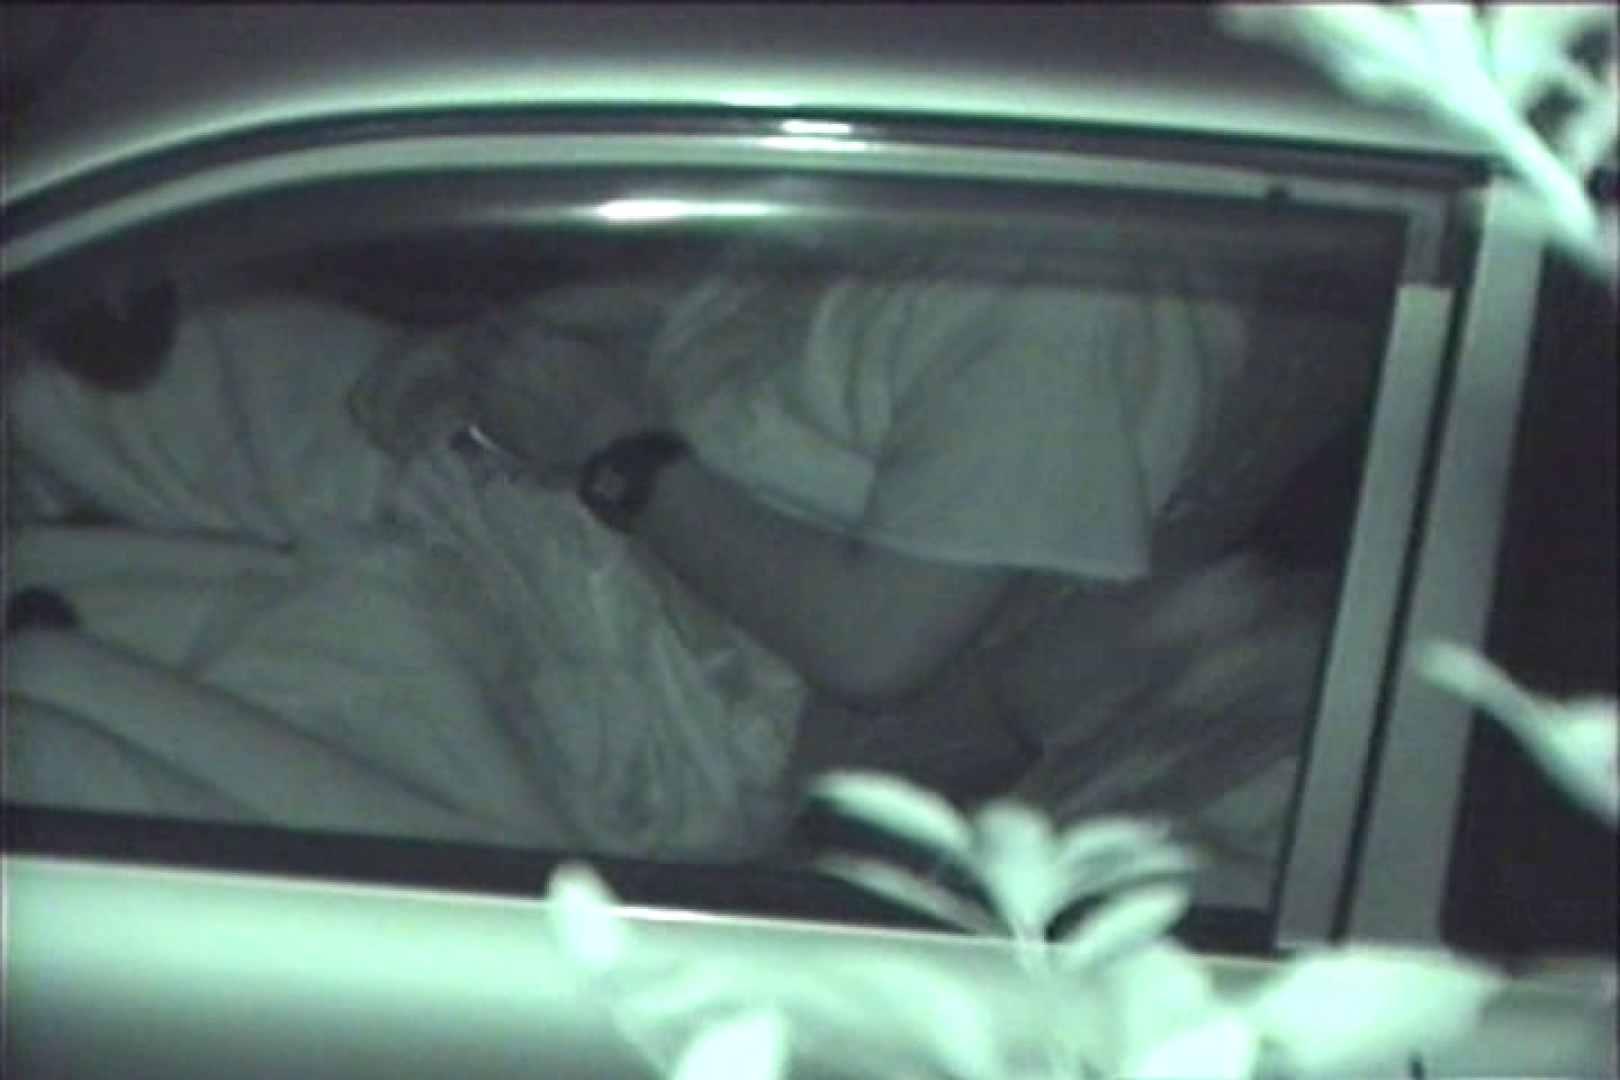 車の中はラブホテル 無修正版  Vol.18 OLの実態 覗きぱこり動画紹介 49pic 9